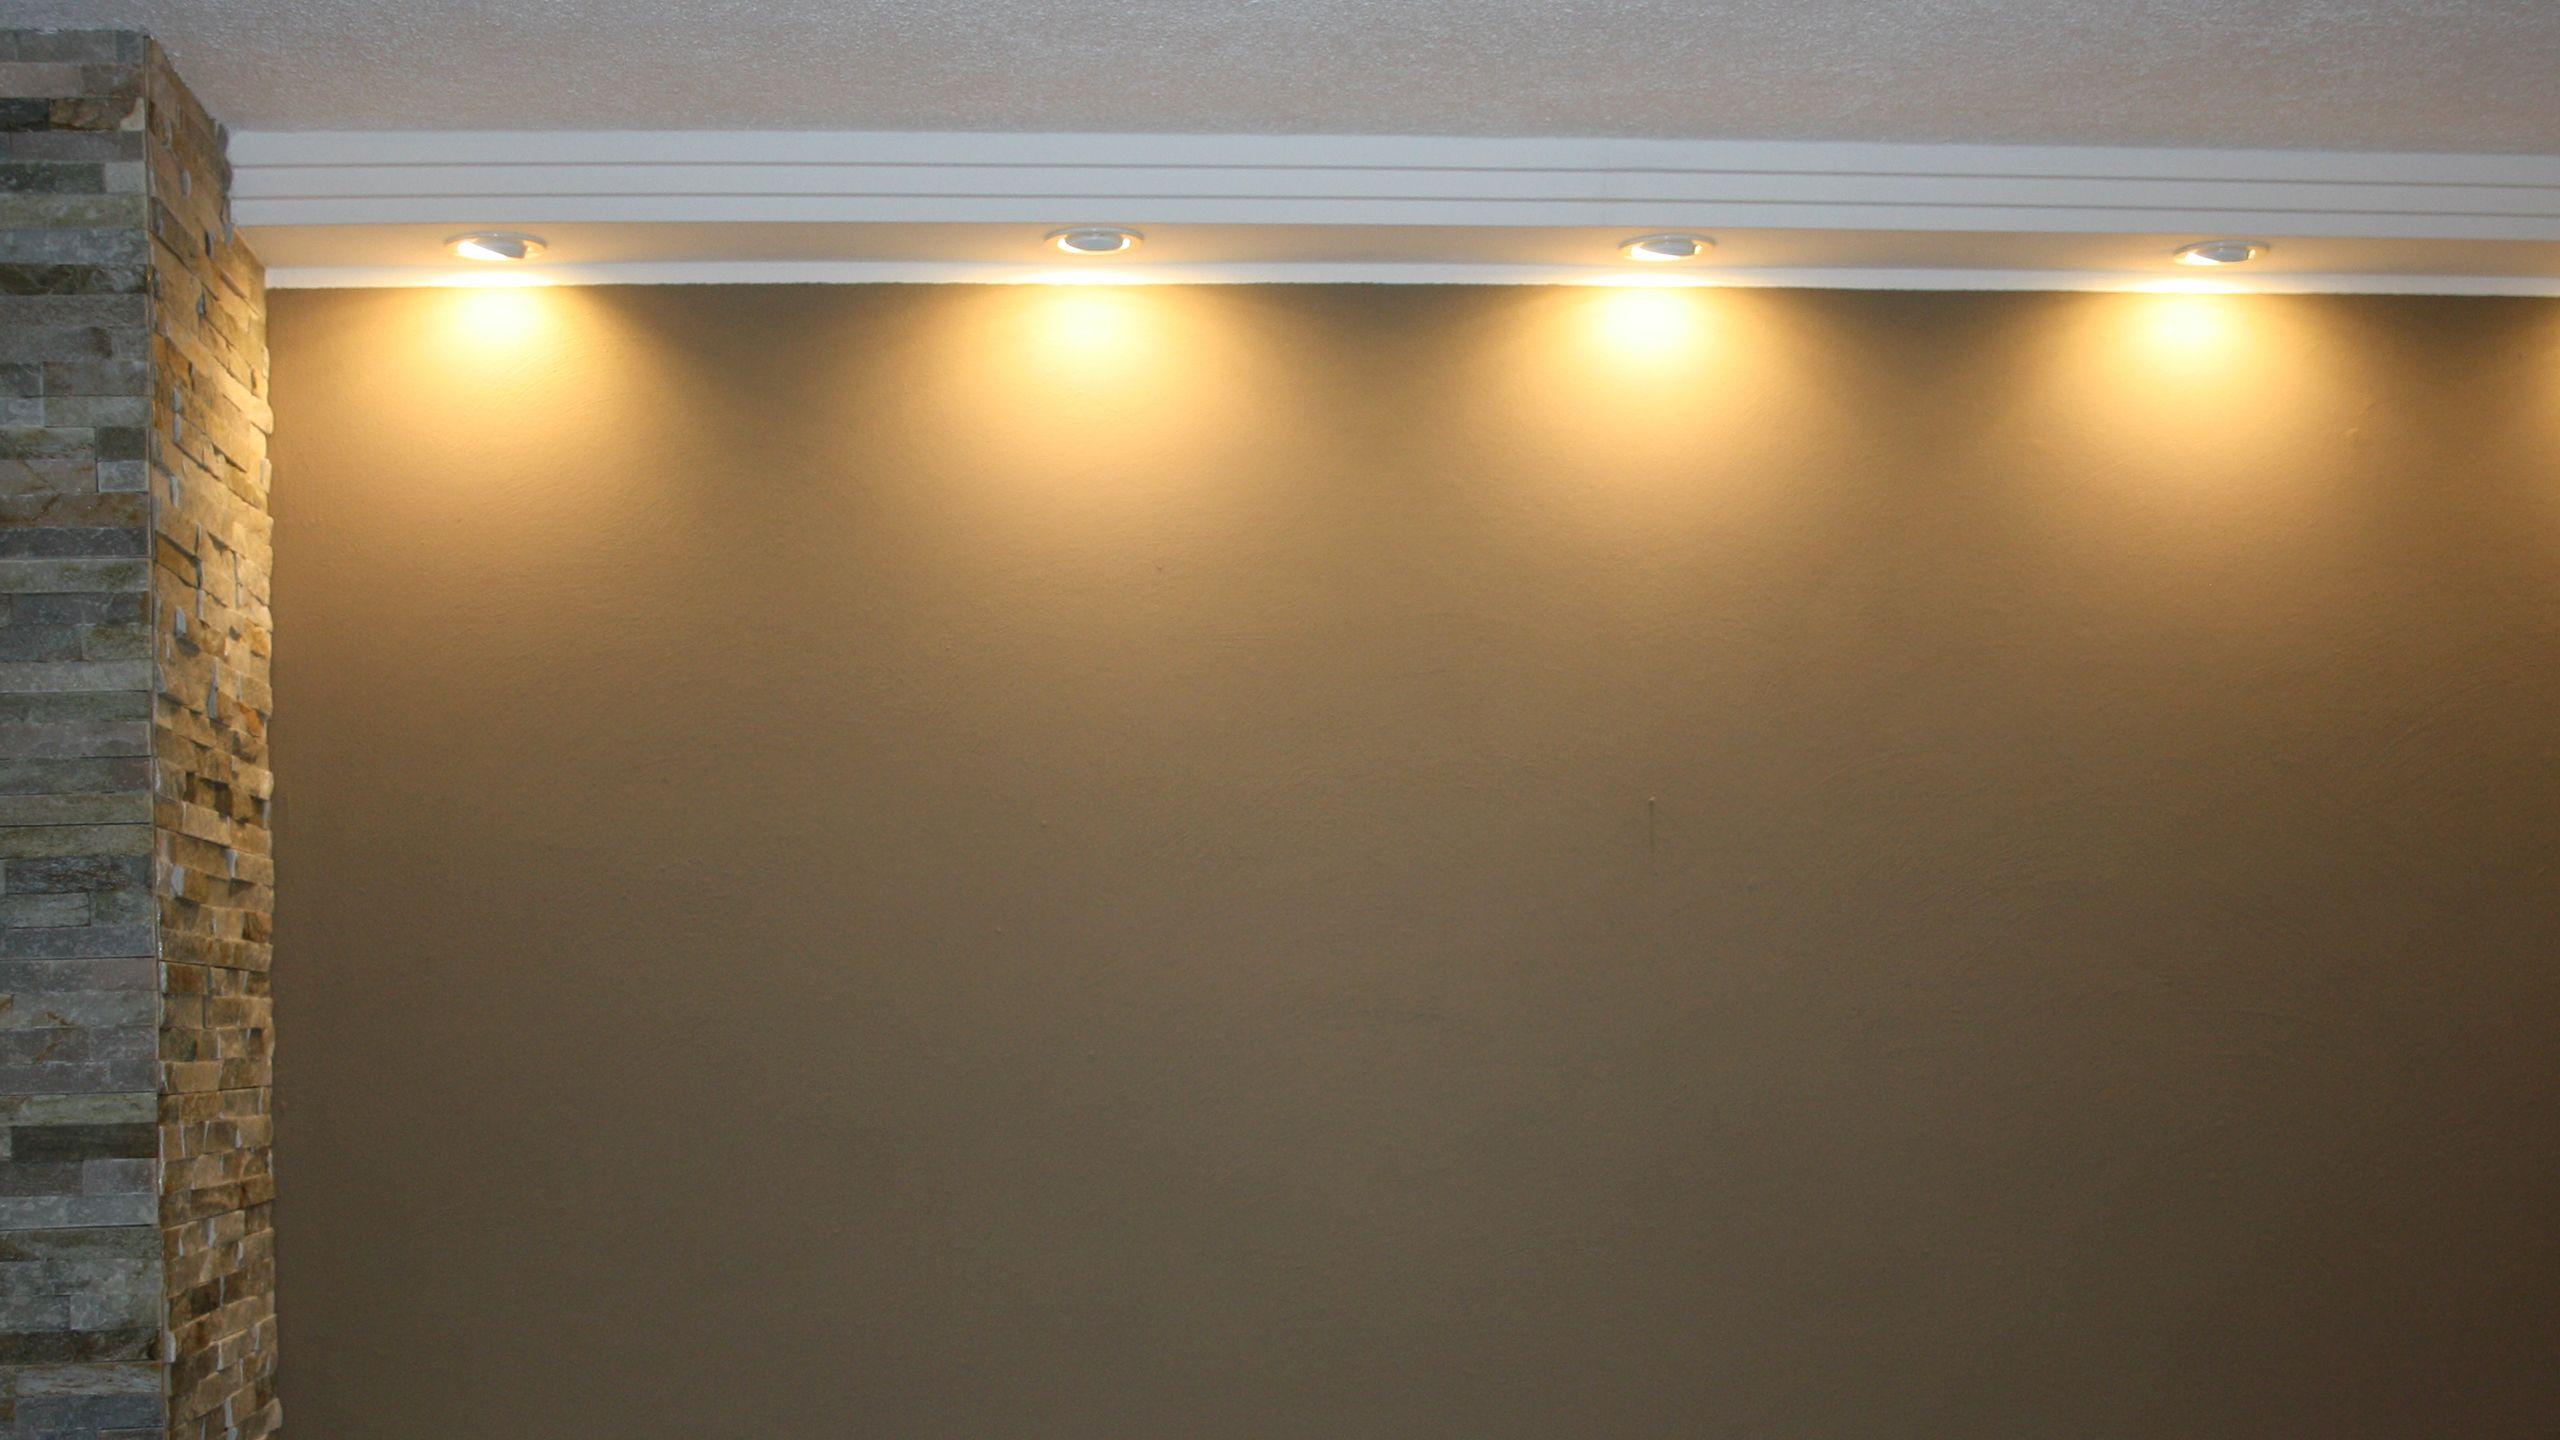 Direkte Beleuchtung Der Wand Mit Modernen Deckenprofilen Wandleuchte Direkte Beleuchtung Wandbeleuchtung